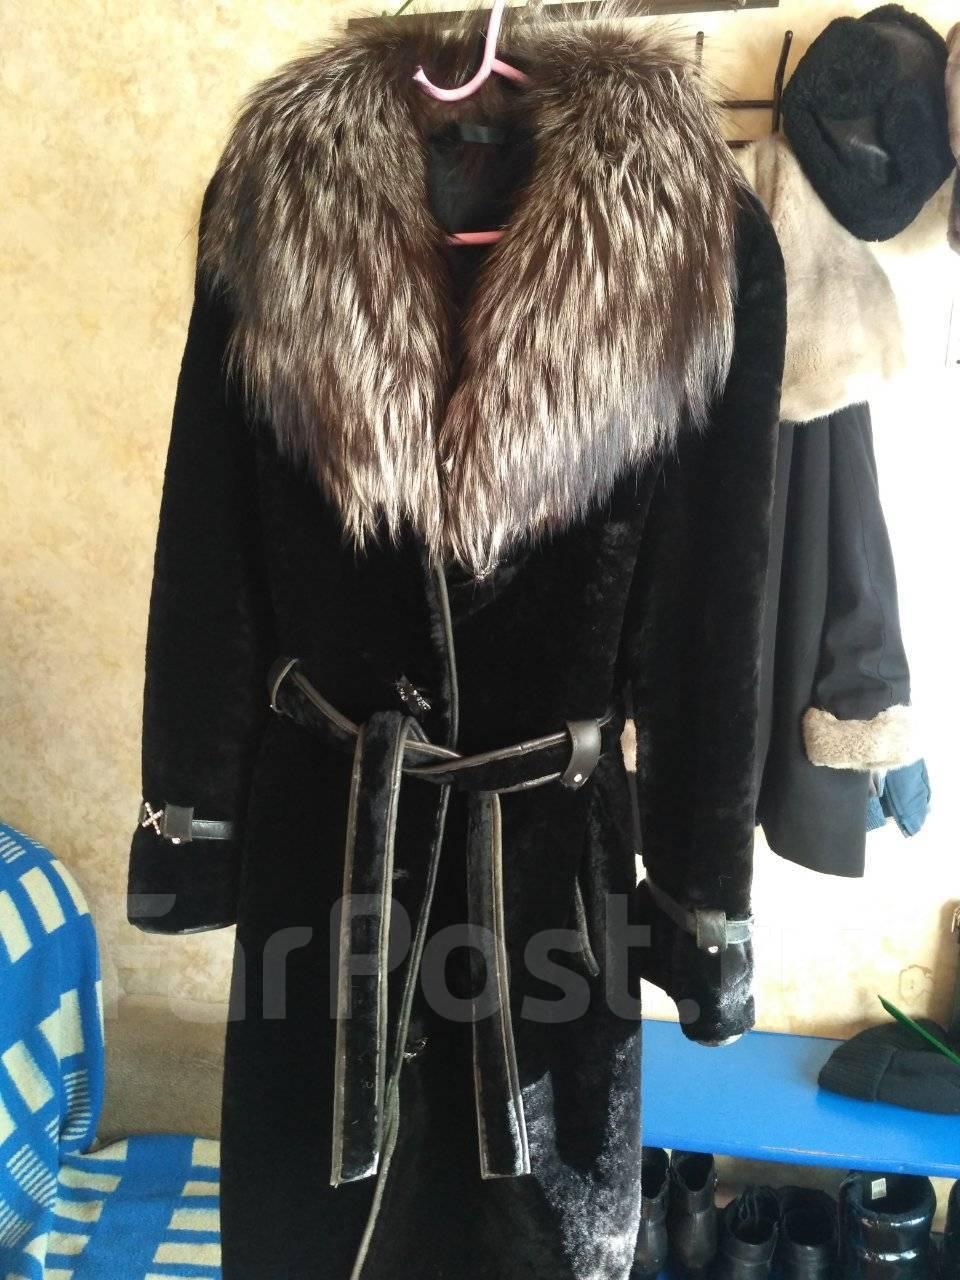 fac32d9fb8c7 Женская верхняя одежда - купить в Артеме. Фото! Цены.